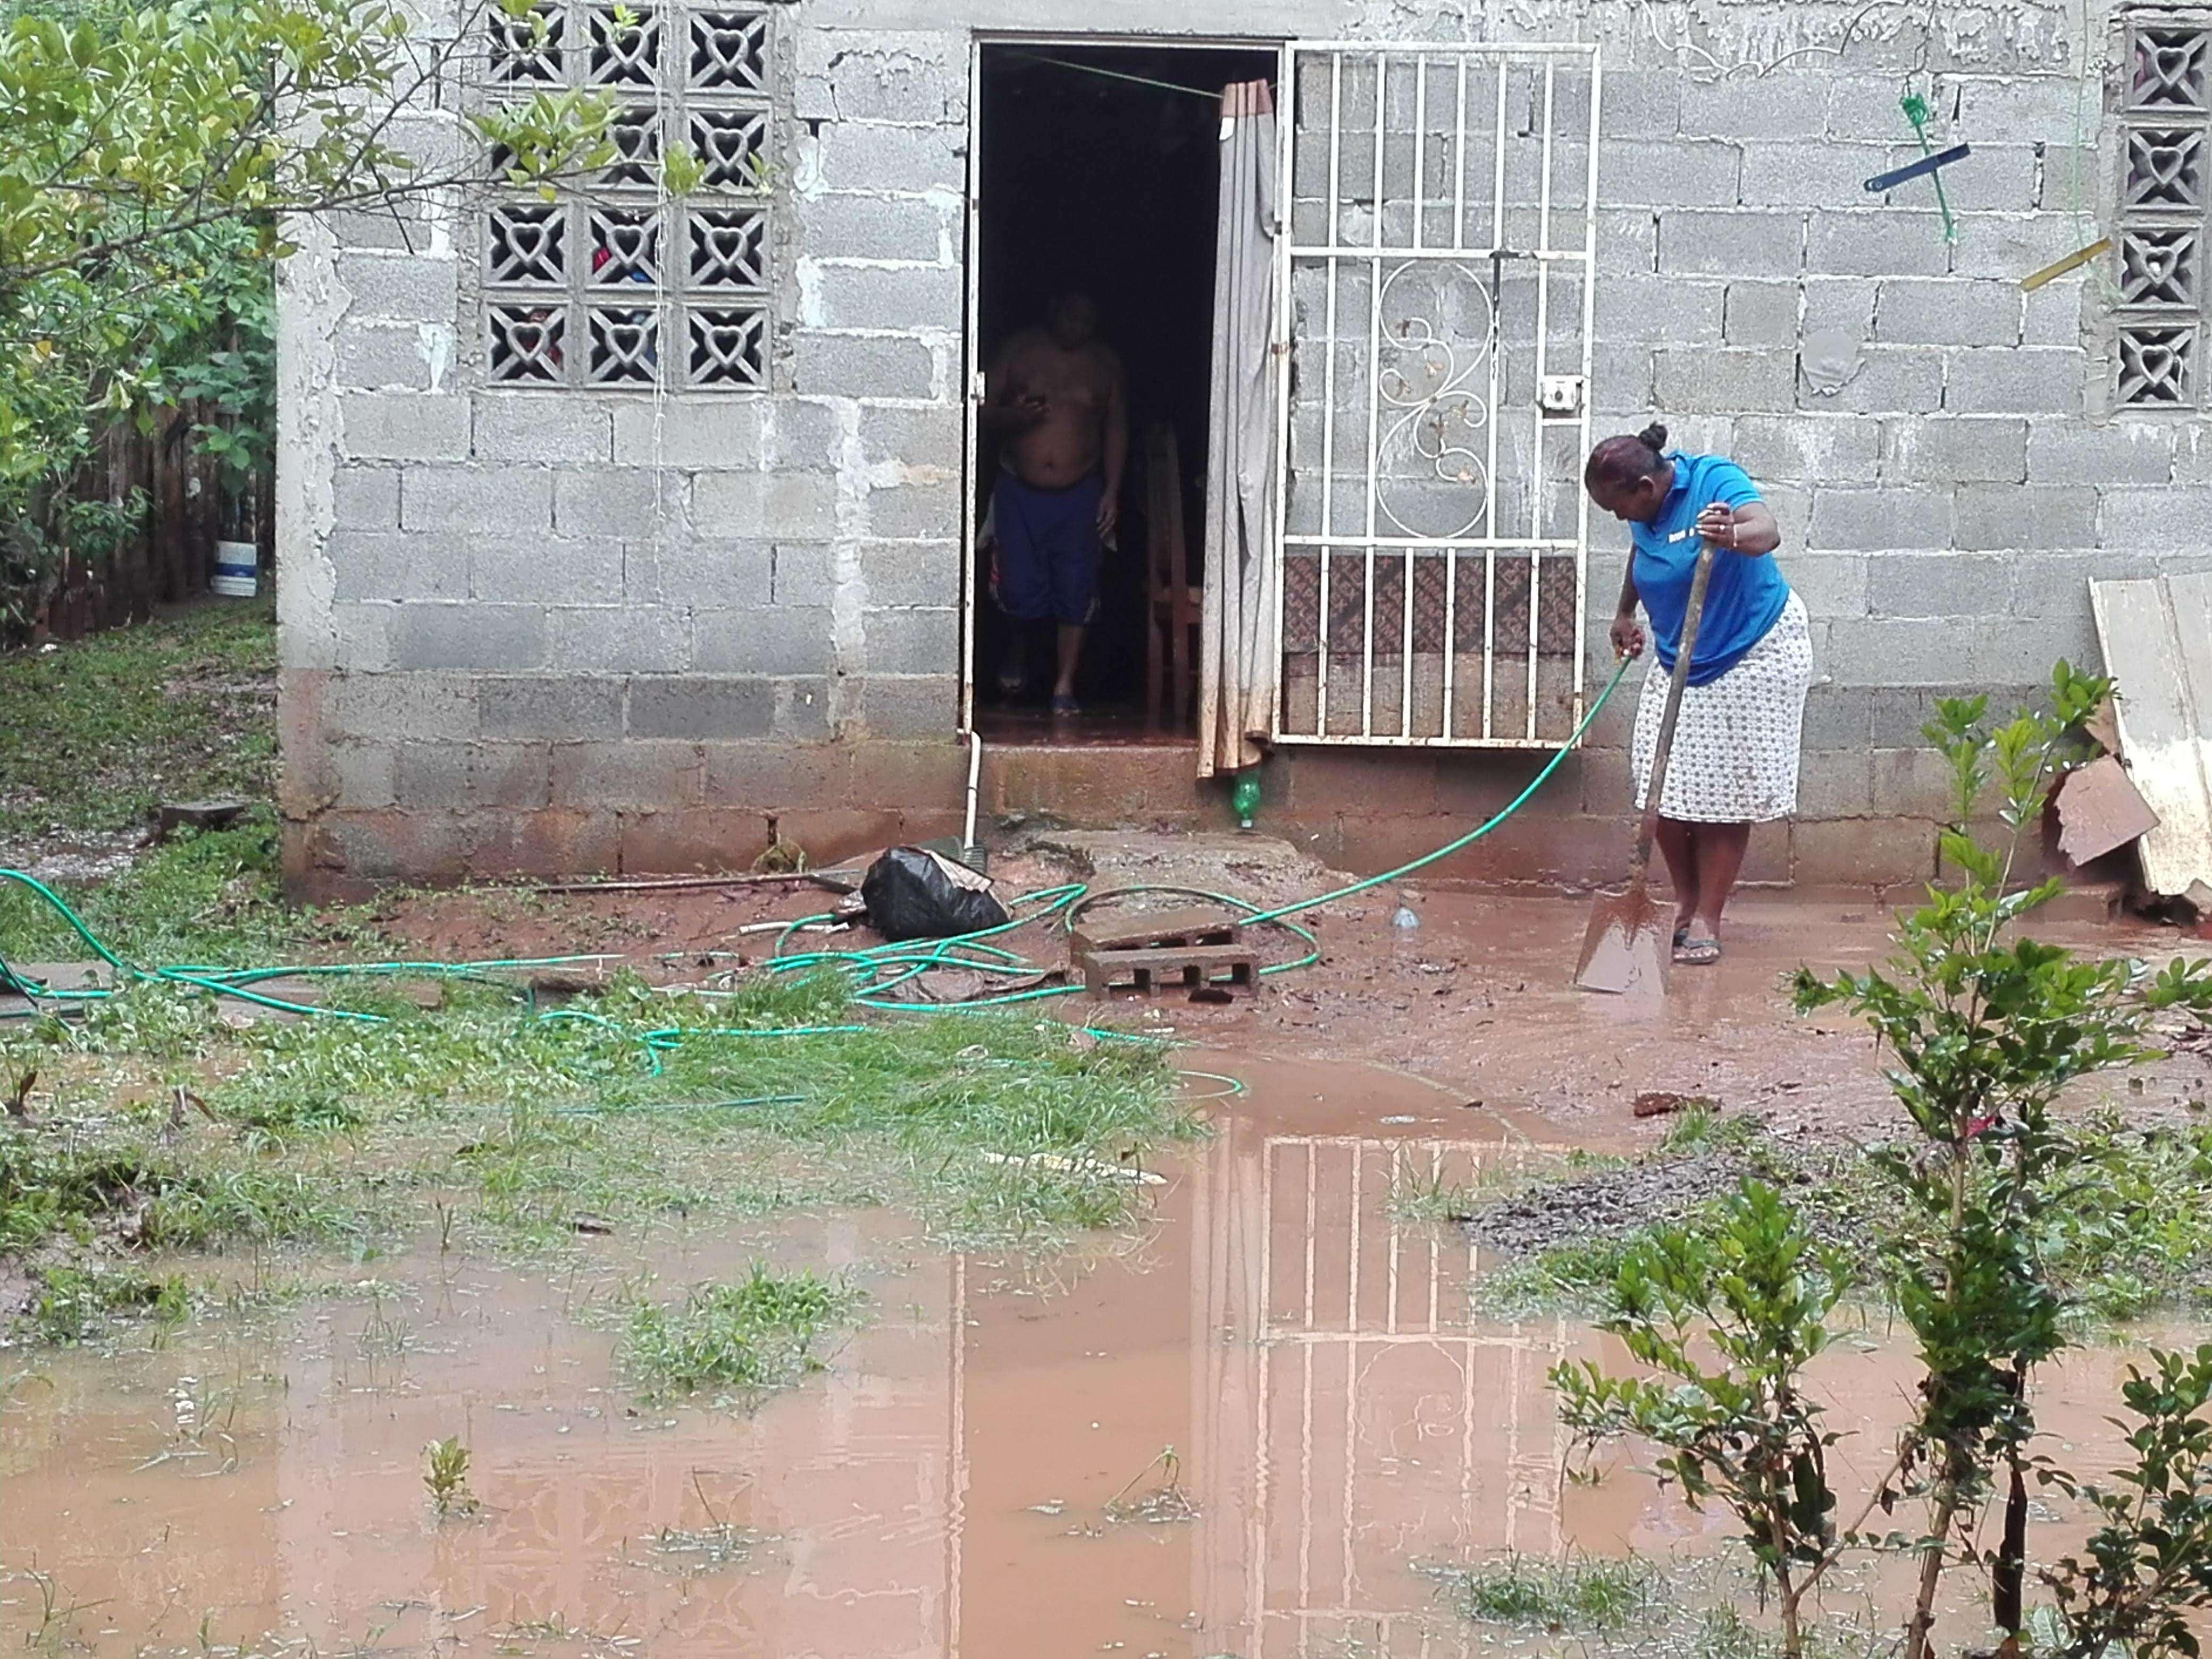 Las familias afectadas pasaron la noche en sus casas cuya limpieza continuaban este domingo para intentar retornara a sus actividades diarias. Foto: Eric Montenegro